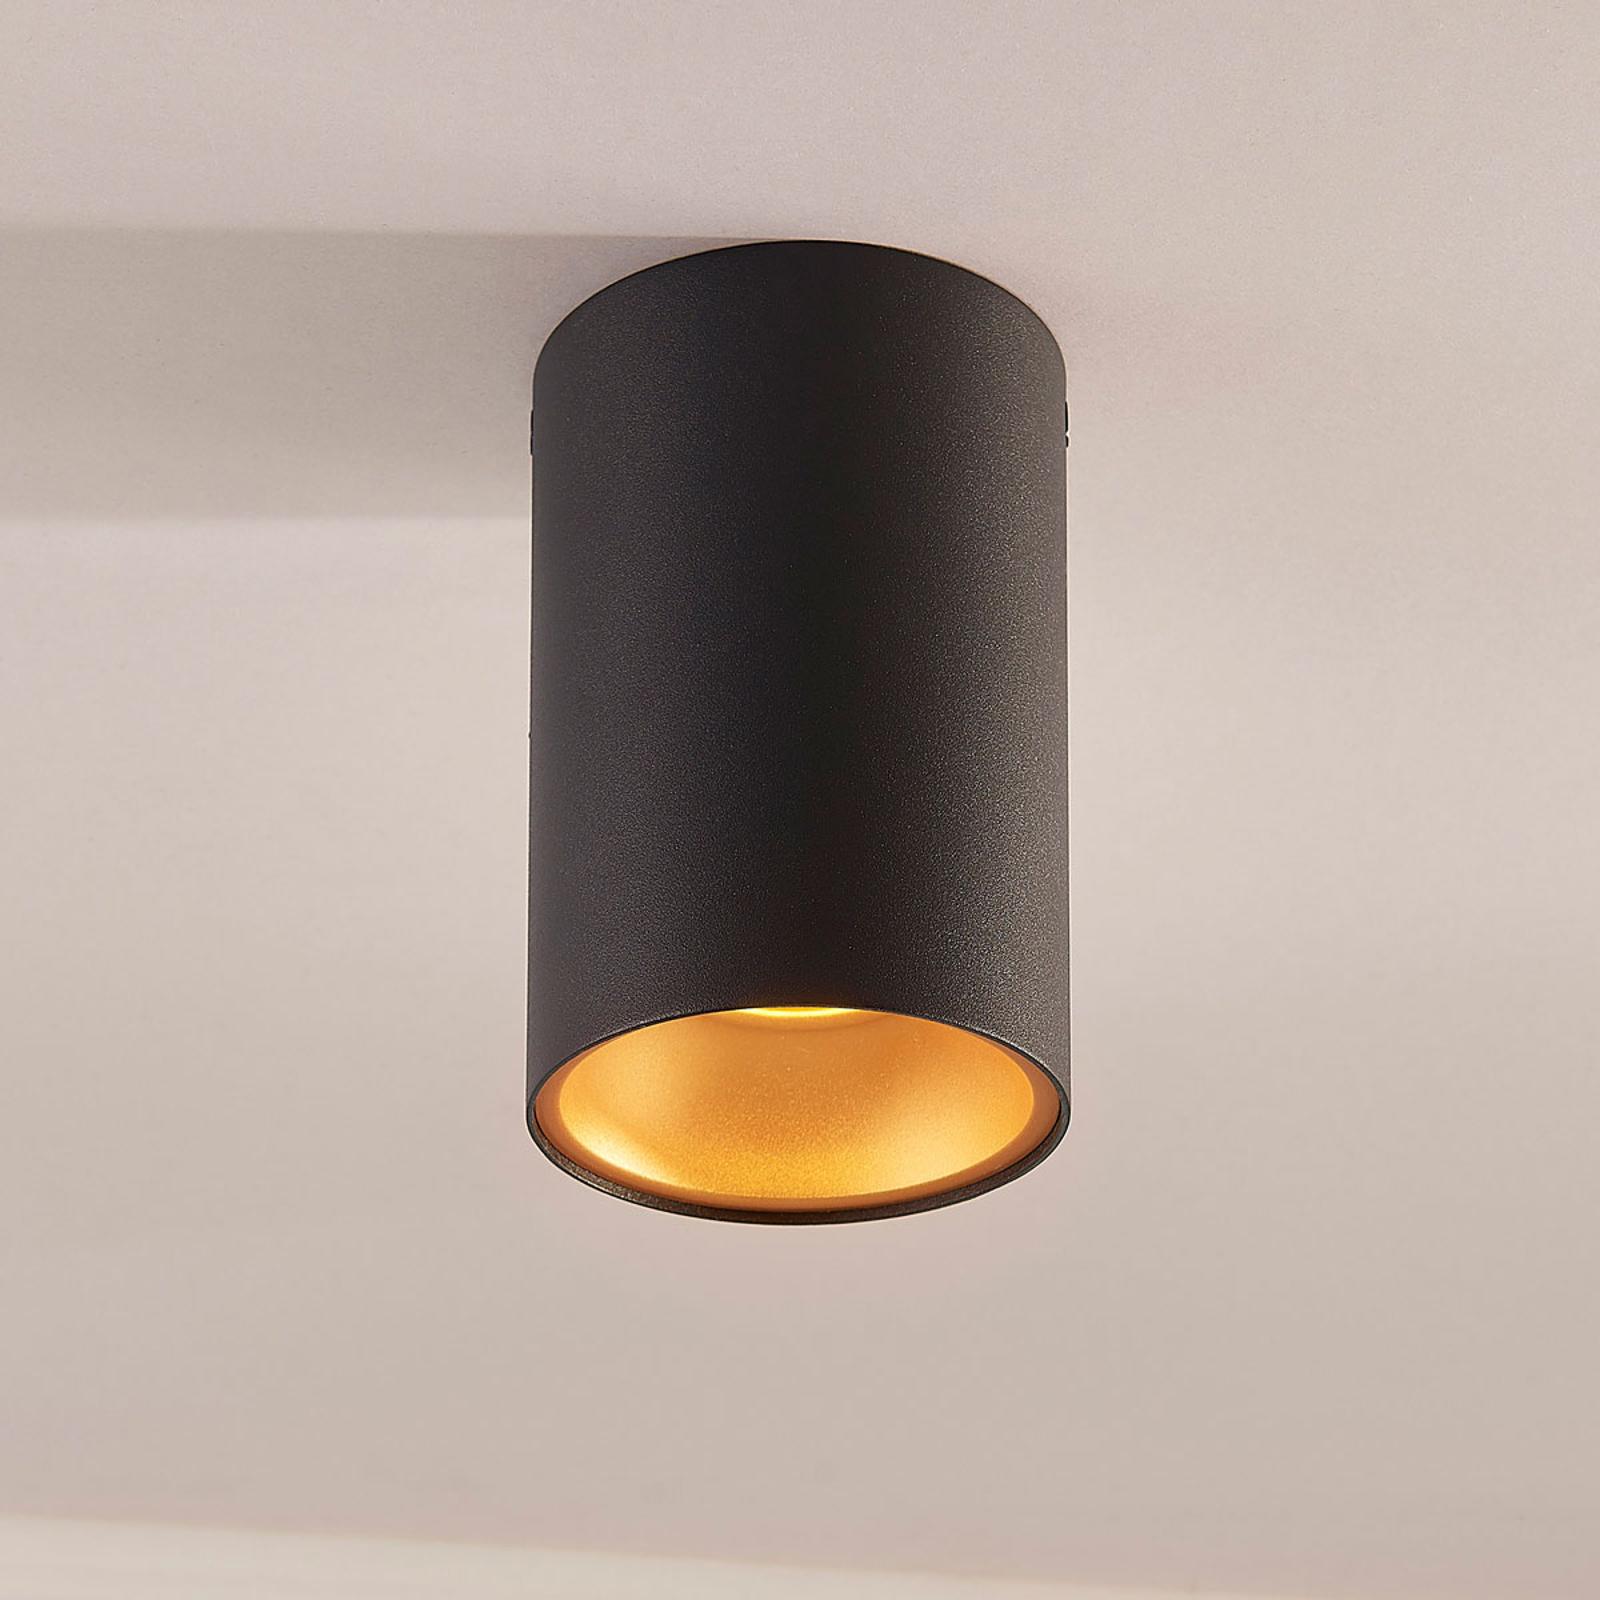 Vinja halogentaklampe med reflektor | Lampegiganten.no